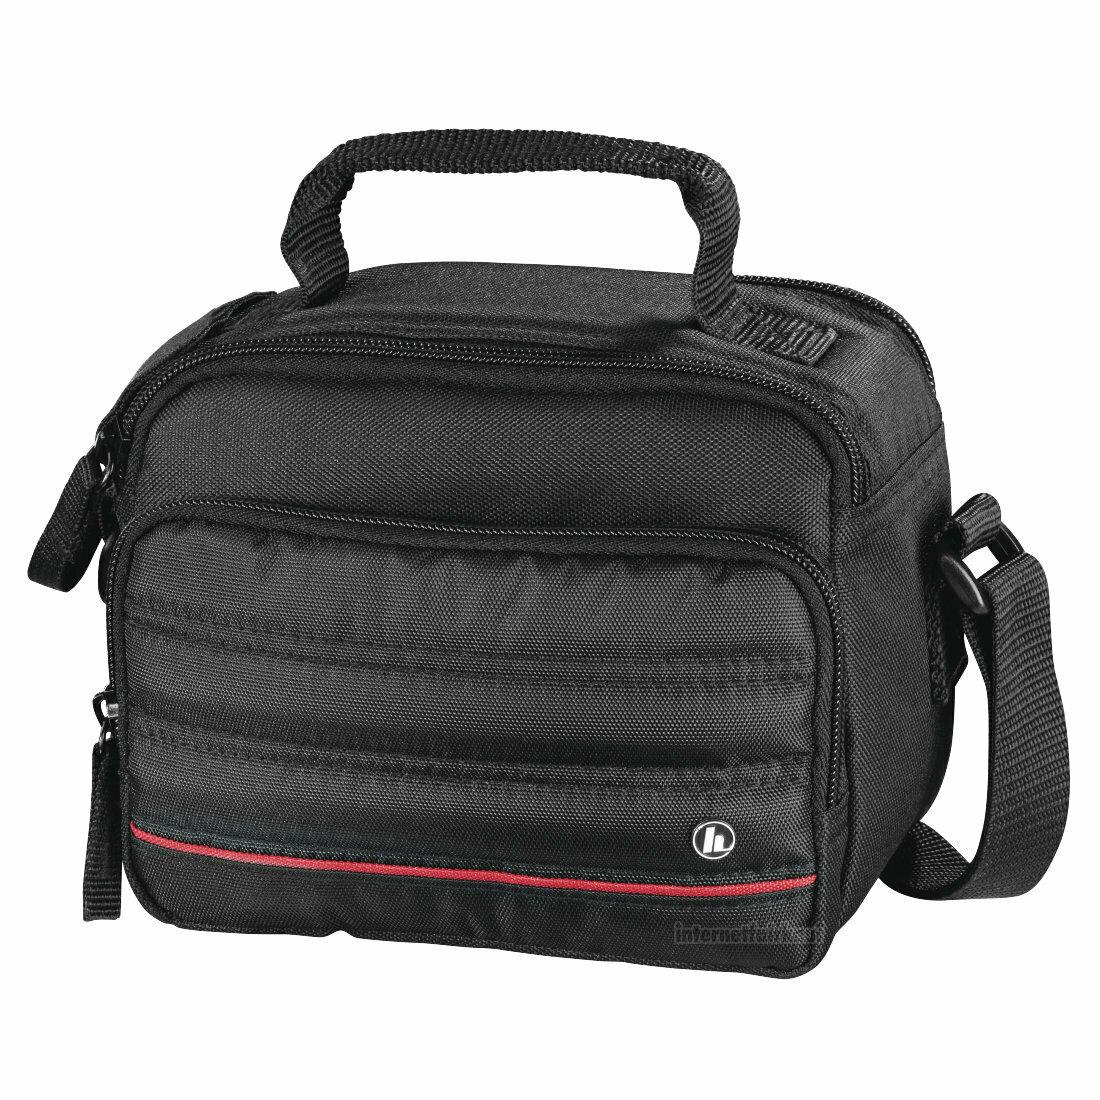 Kameratasche passend für Panasonic Lumix GX80 und 14-140mm Objektiv - Fototasche